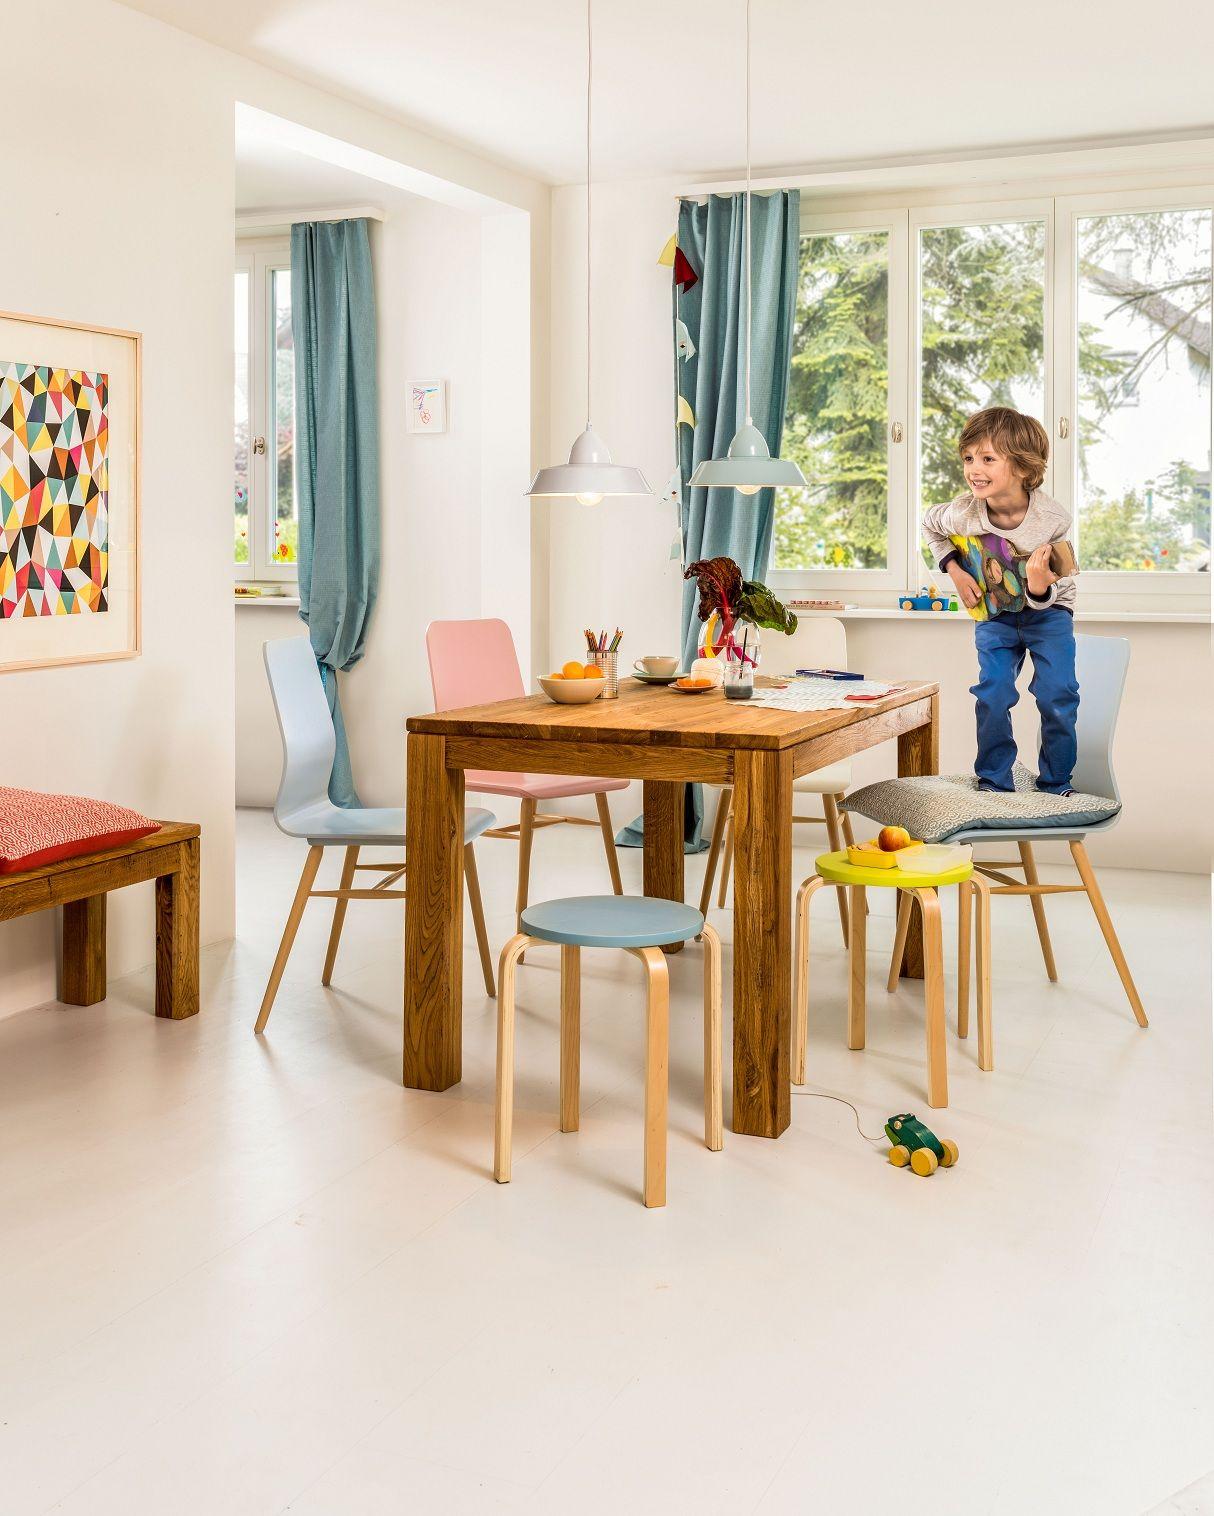 Esstisch sthle excellent tisch und stuhle gunstig architektur esstisch mit stuhlen with - Roller esszimmer ...